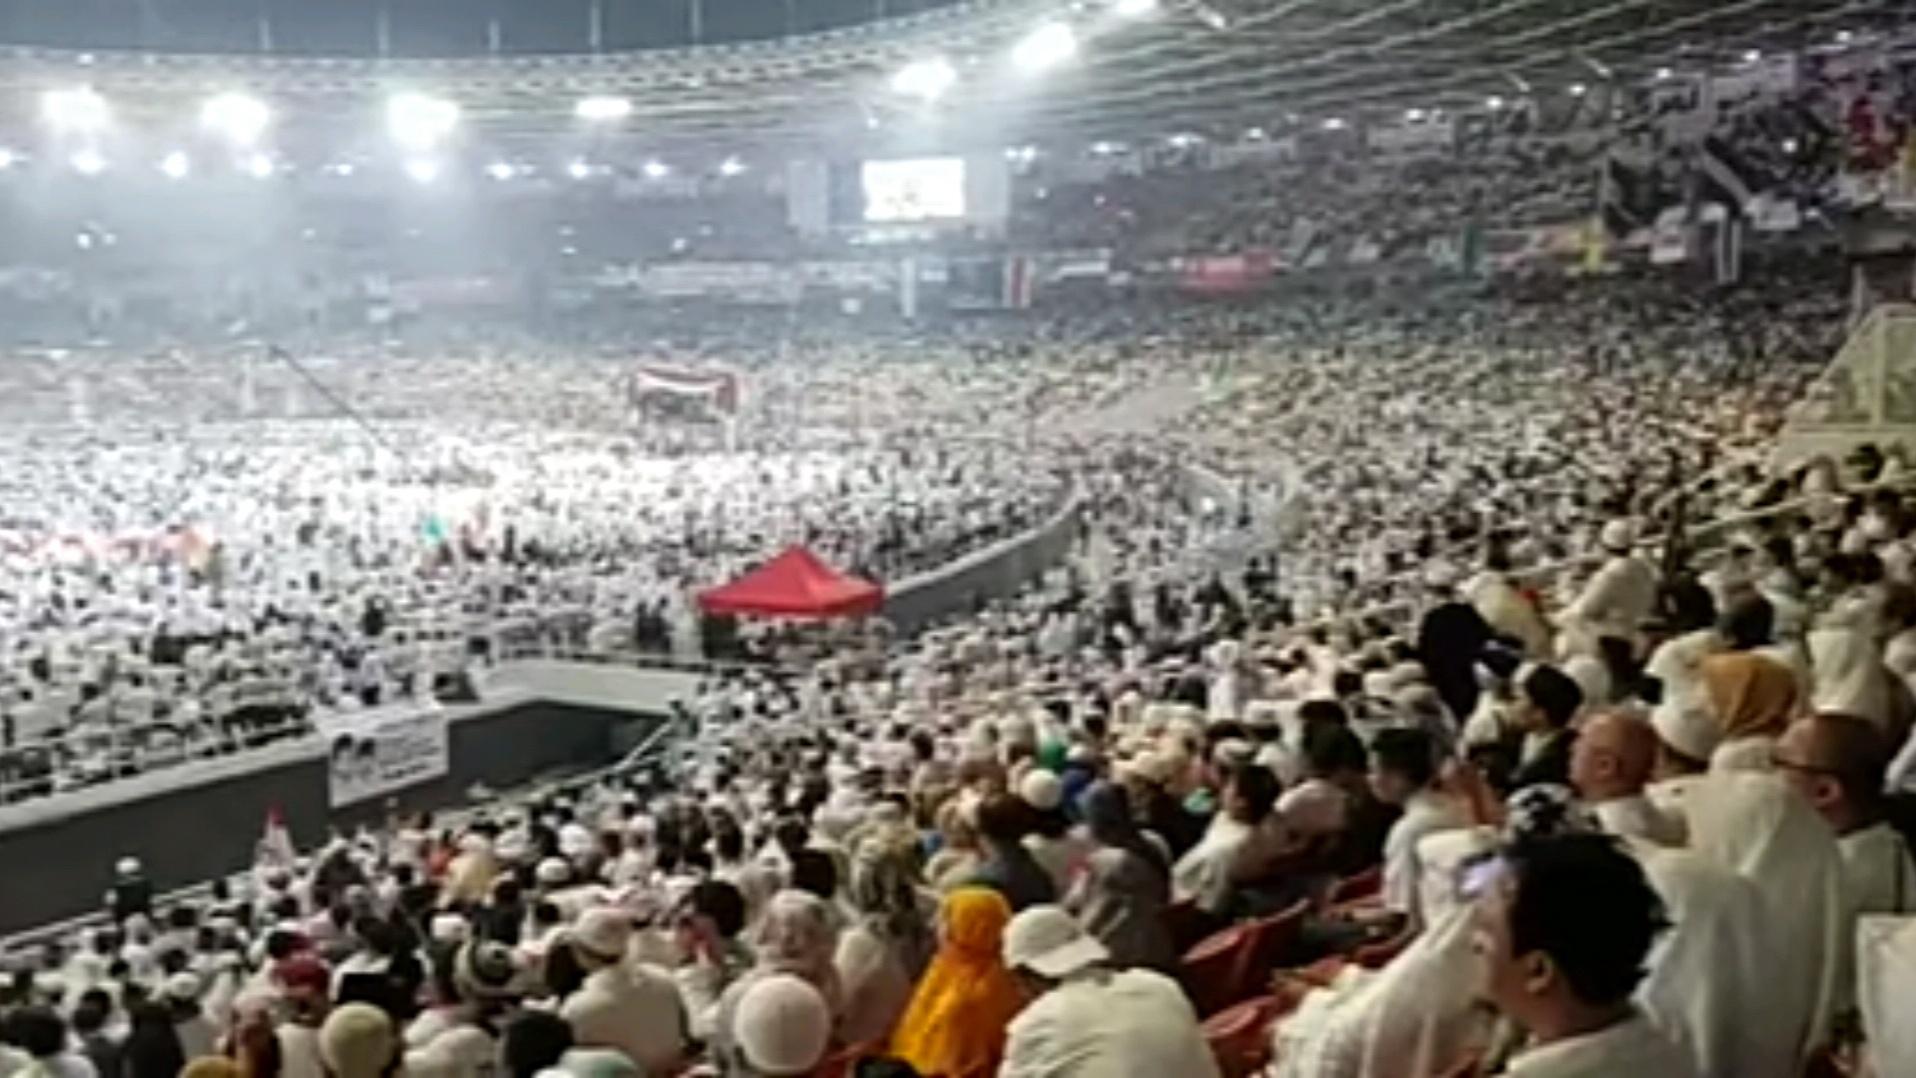 Gambar Prabowo: Satu Juta Lebih Orang Hadir di GBK